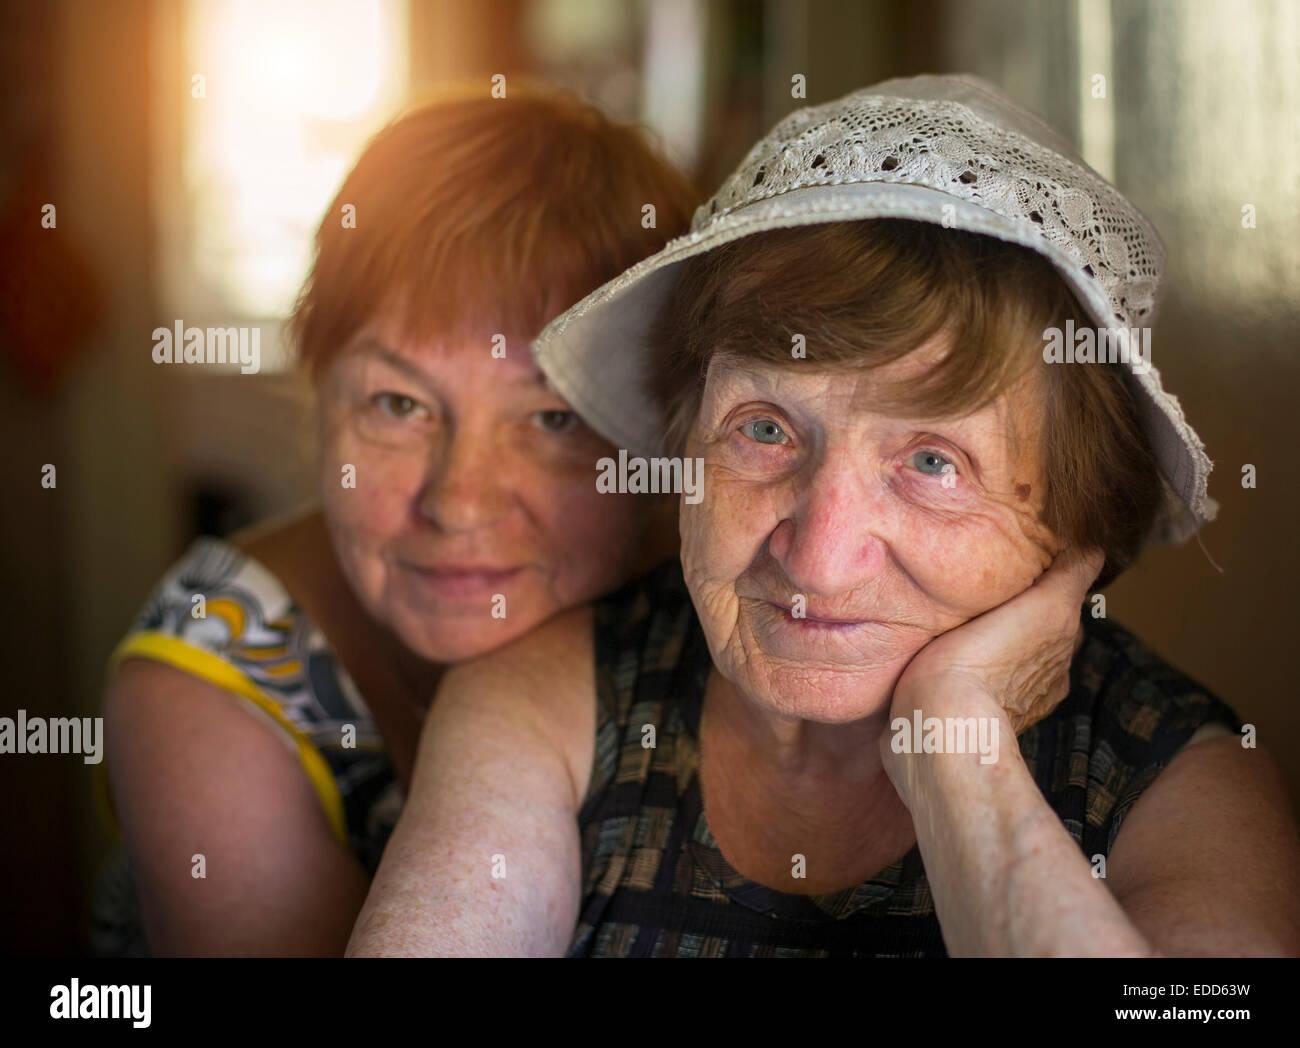 Porträt von alte Frau und umarmen ihre Tochter in das Haus im Hintergrund. Stockbild